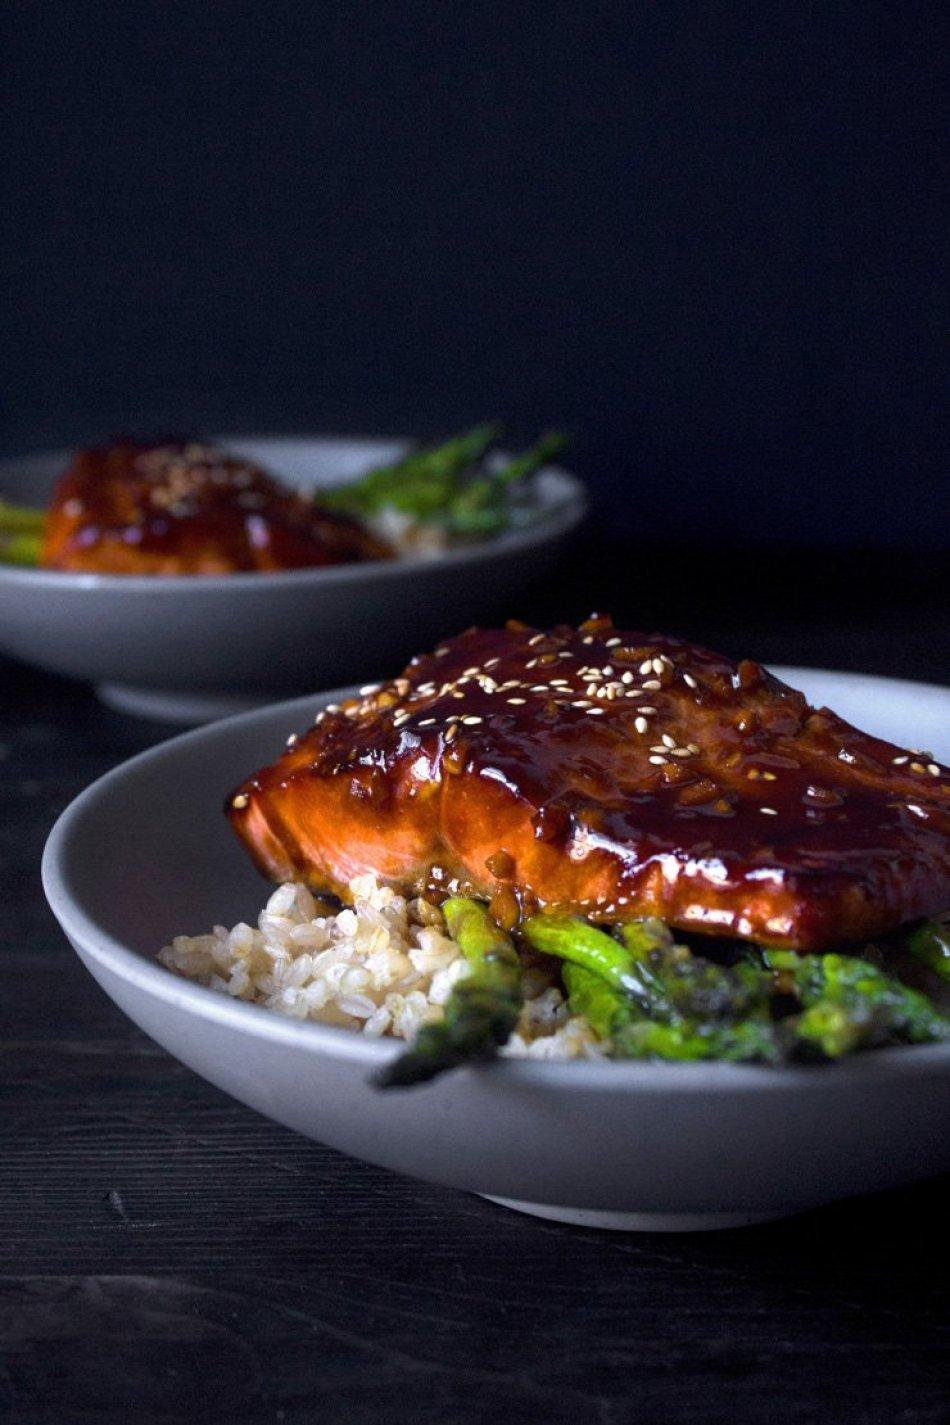 Teriyaki Salmon Bowl with Garlic Sautéed Asparagus